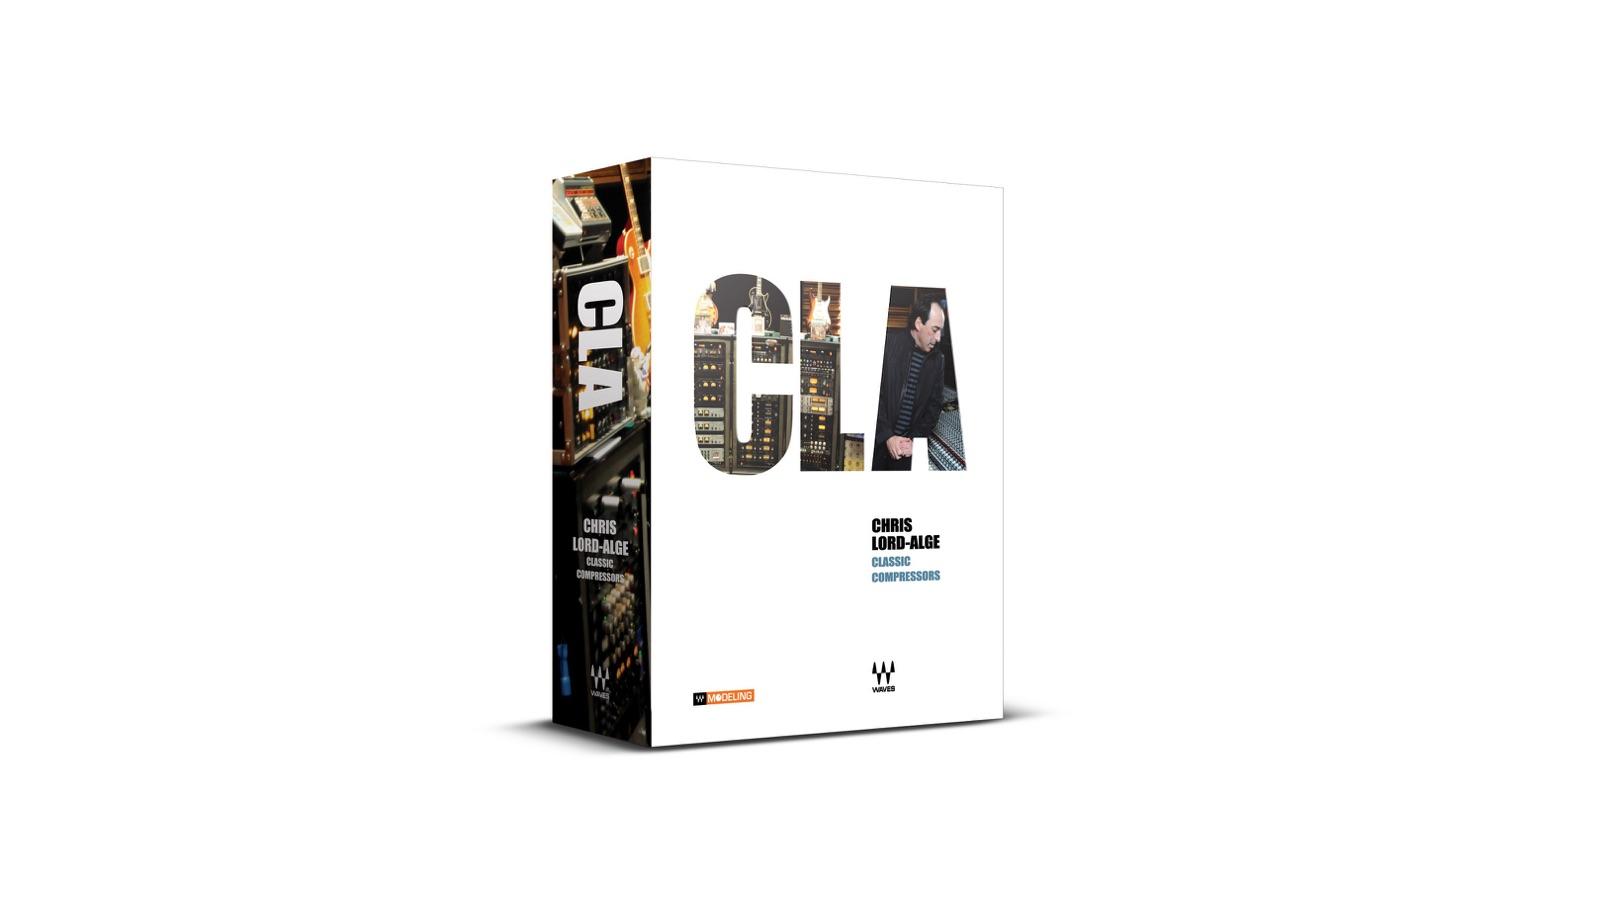 20160802_cla-classic-compressors_l